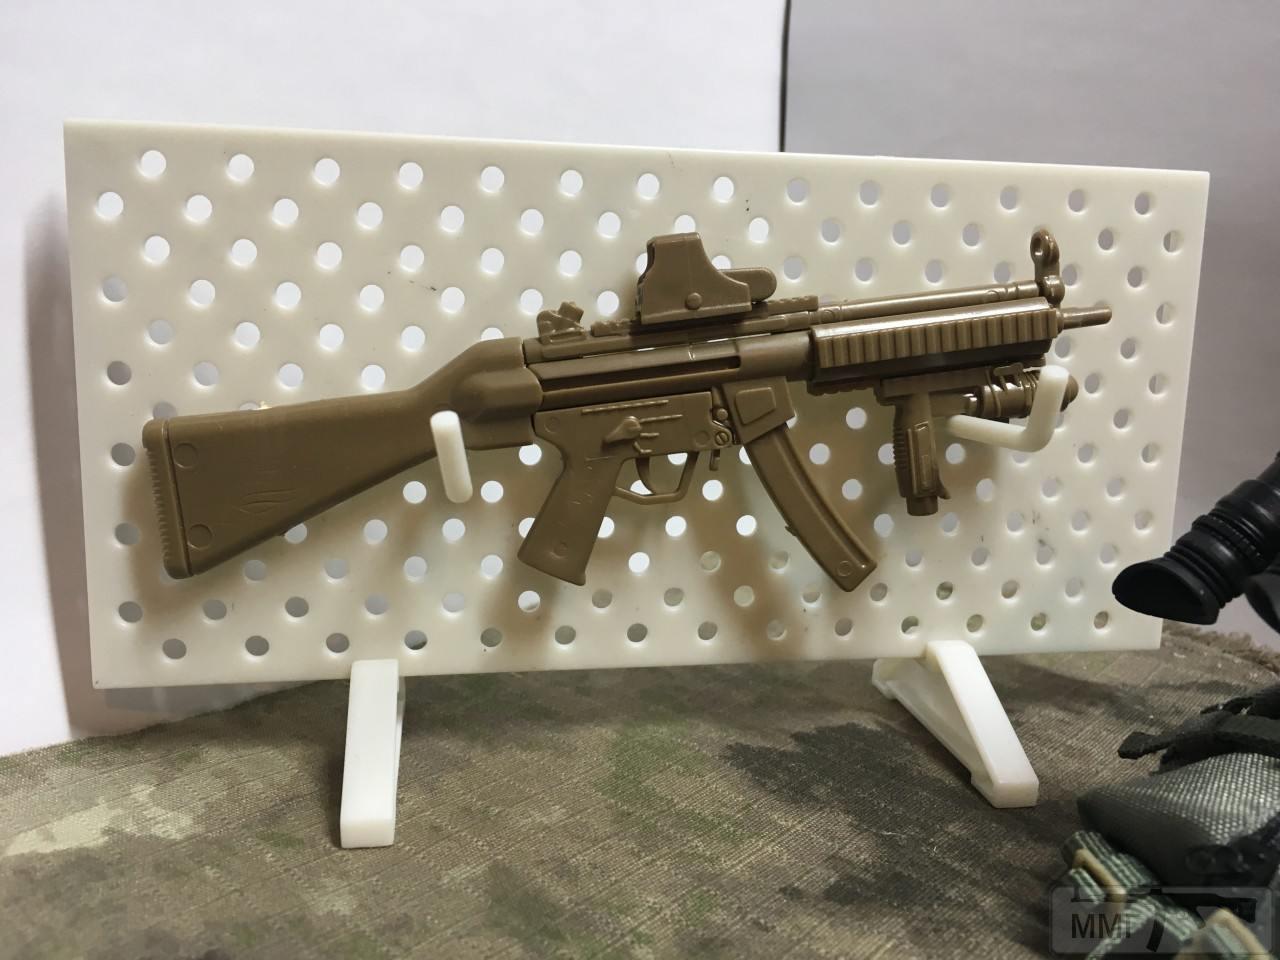 53997 - Макеты оружия/ модели 1:6